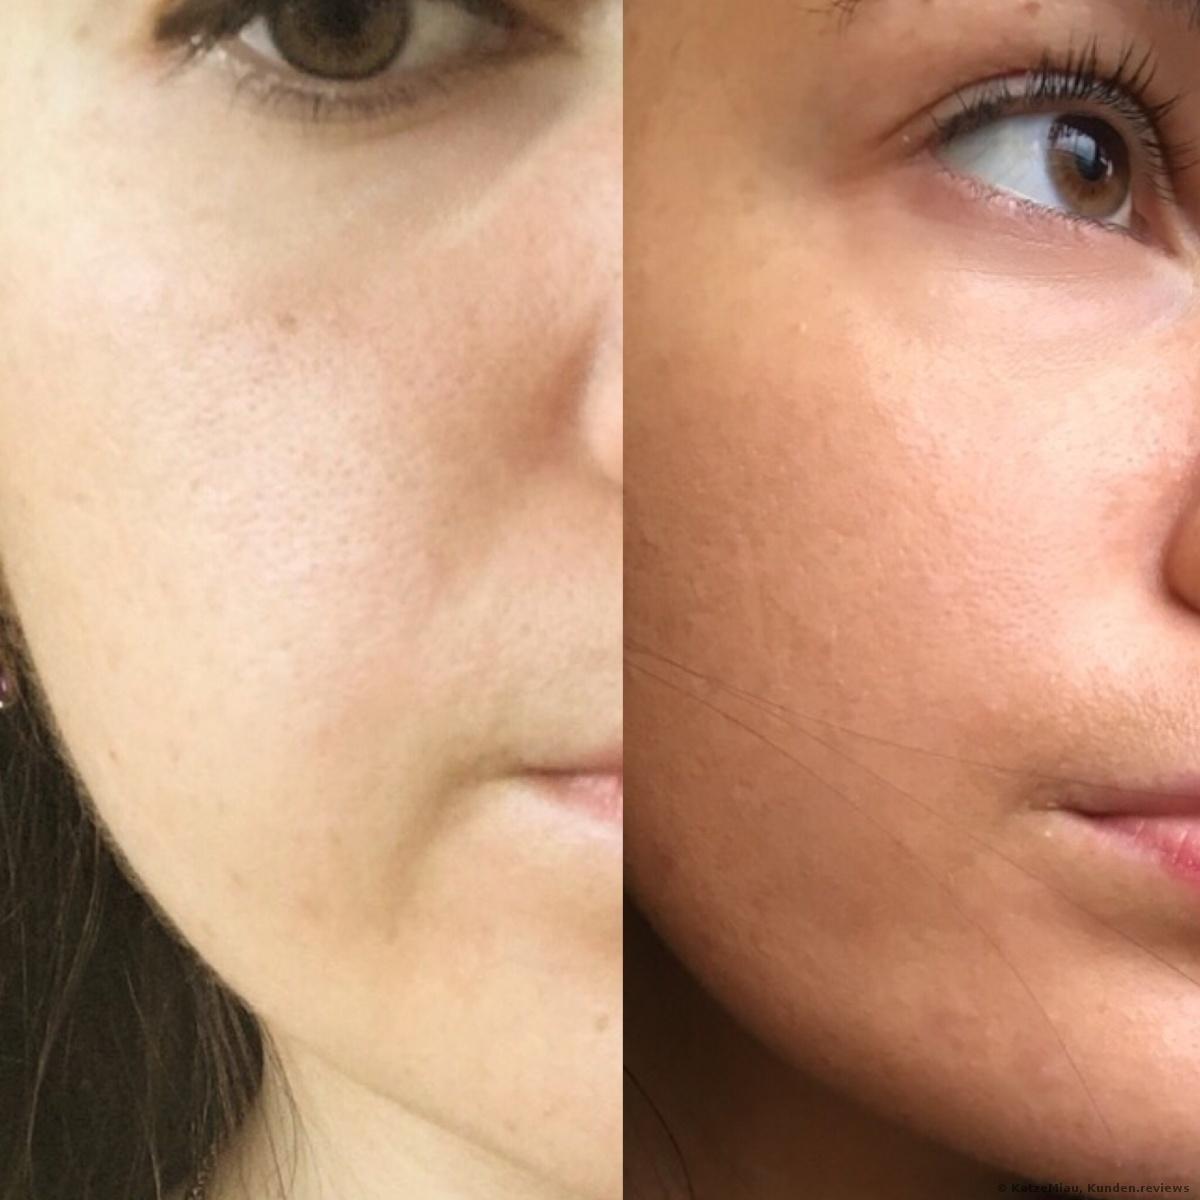 Vorher- und Nachher Foto nach 2 Monaten der Anwendung. Meine Haut ist erfrischt und ebener. Auf dem Foto ist es vielleicht nicht so sichtbar, aber für mich sind die Änderungen offenbar, denn ich liebe Selfies zu schießen und alle Änderungen zu merken.